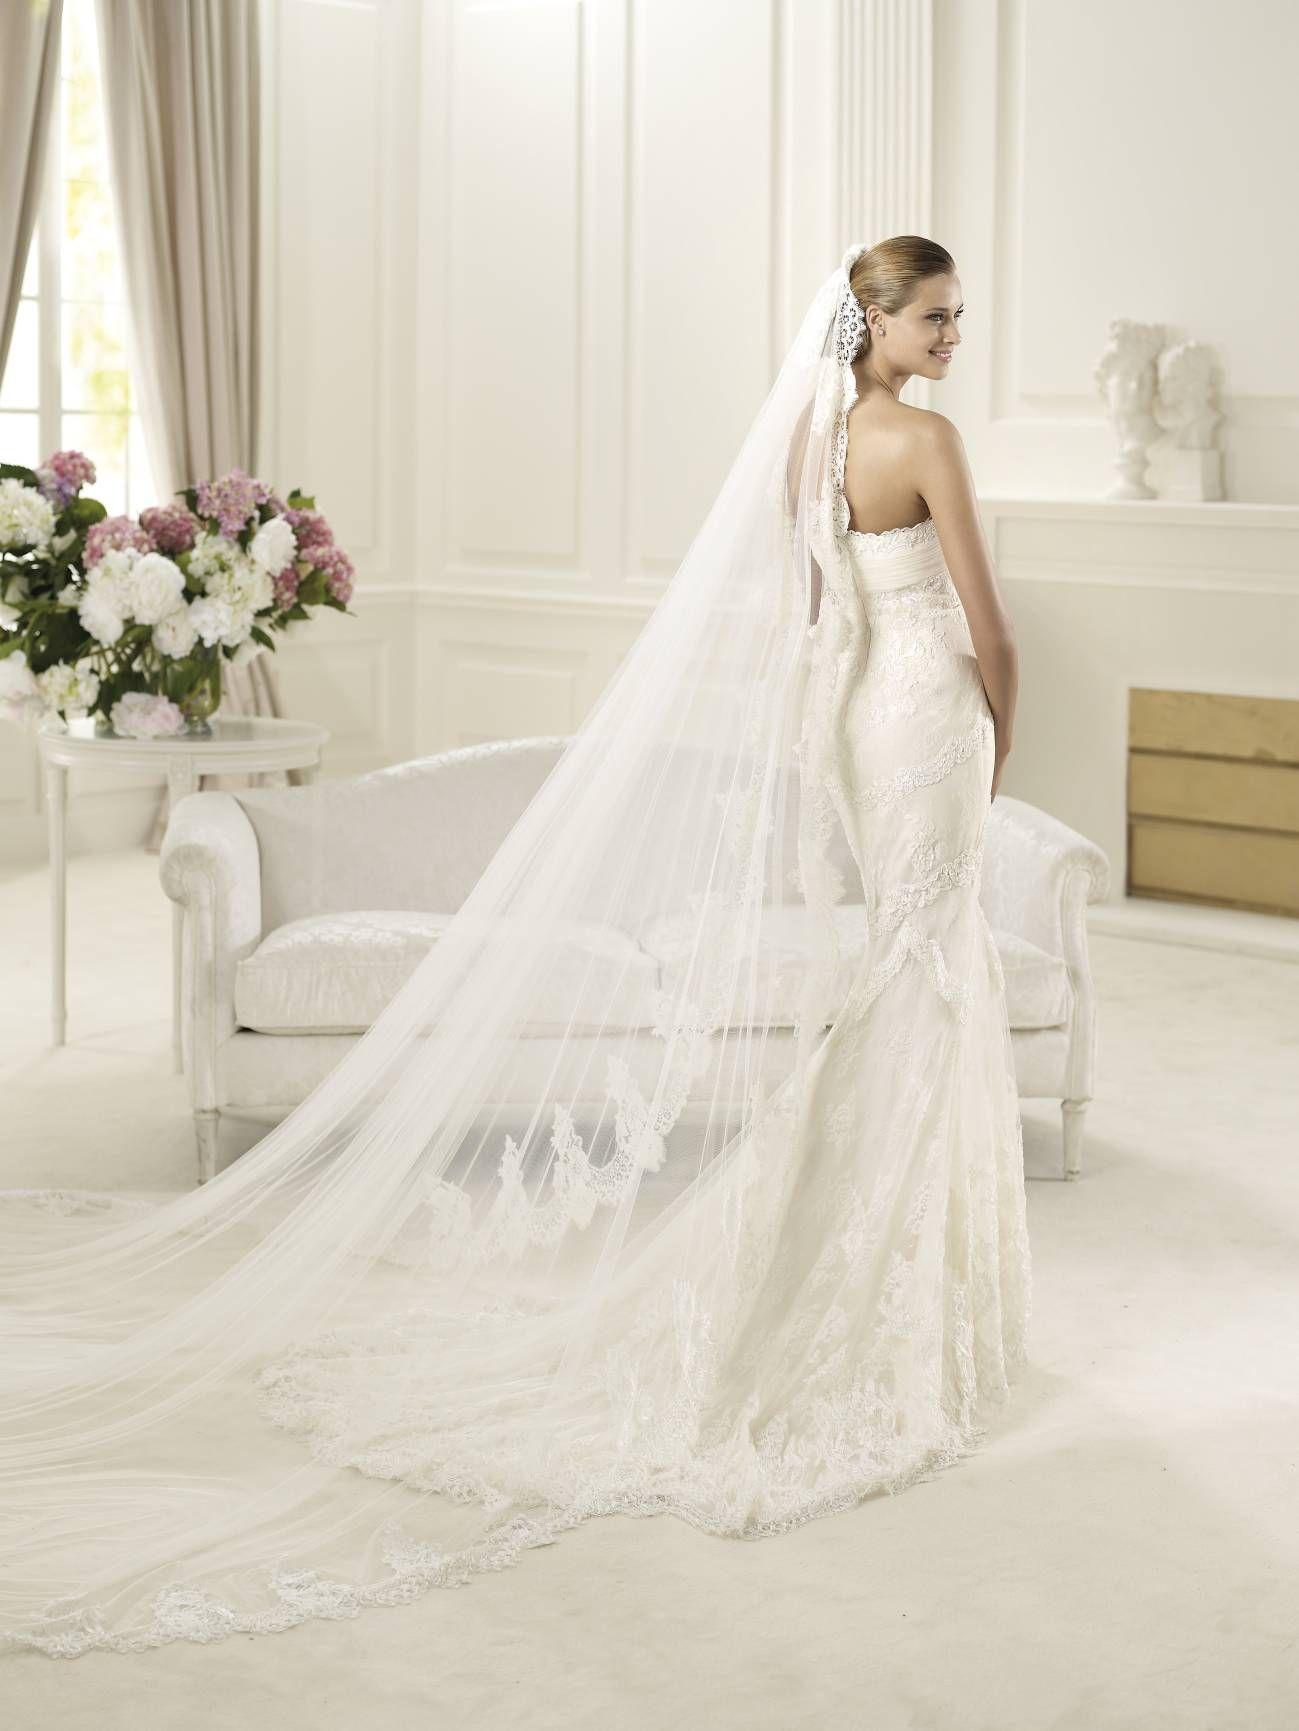 Dietrich - Pronovias 2015 kollekció - Esküvői ruha szalon - Menyasszonyi  ruha kölcsönzés http   812b9870f1